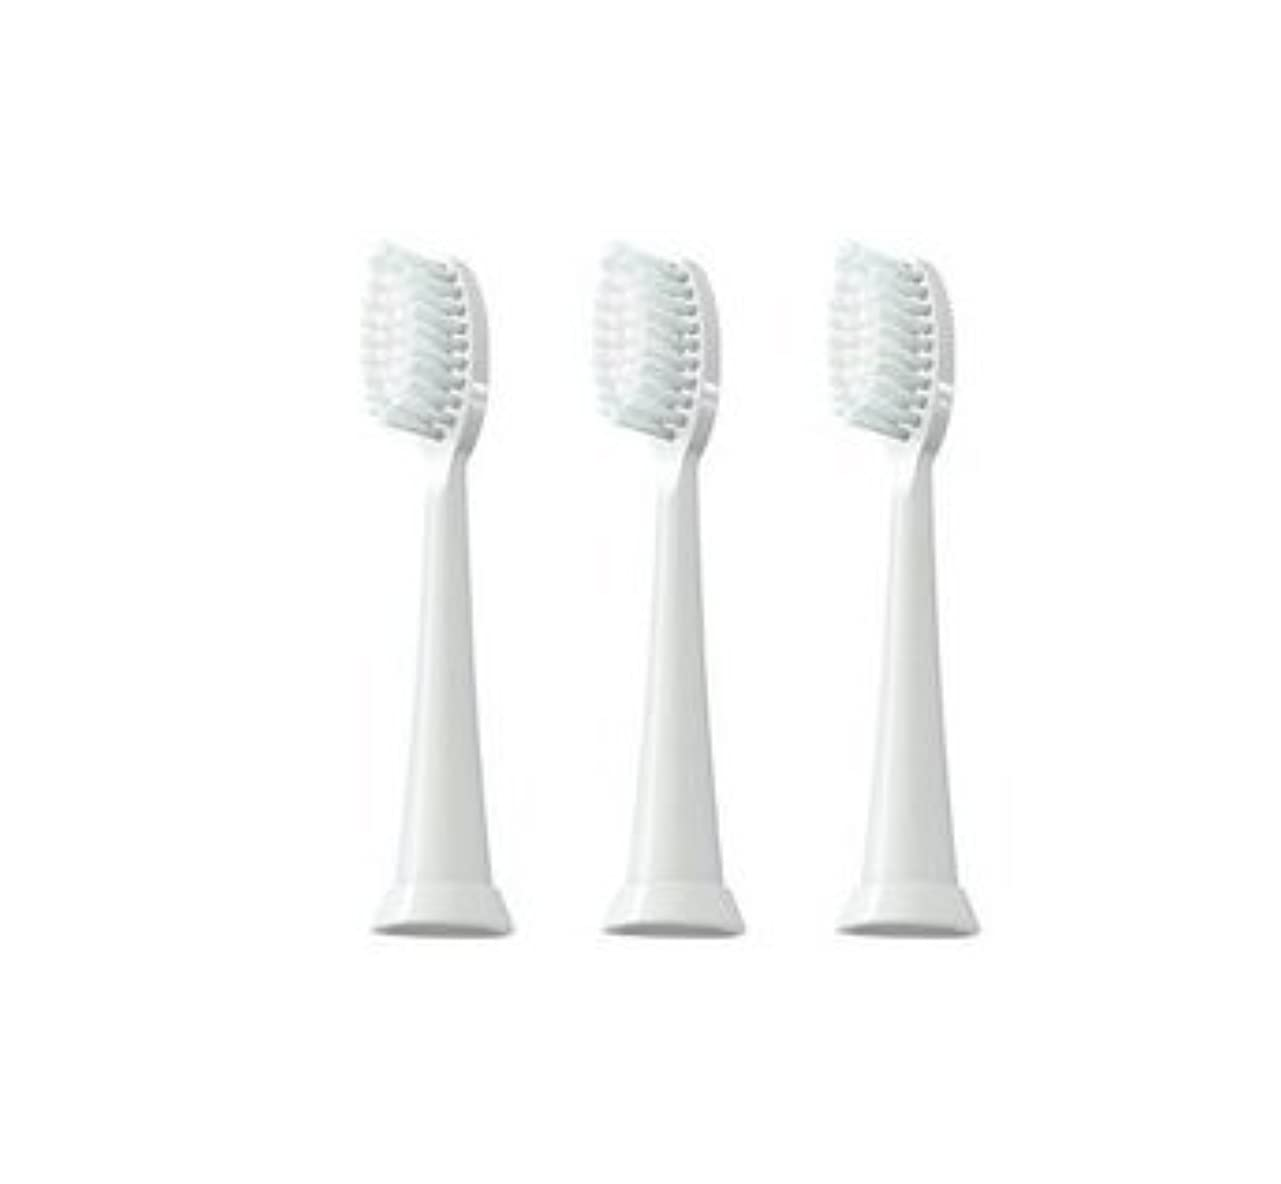 気絶させるレモン無許可TAO Clean 電動歯ブラシ用【替えブラシ 3本セット】(ホワイト)通常はメール便にて発送します。